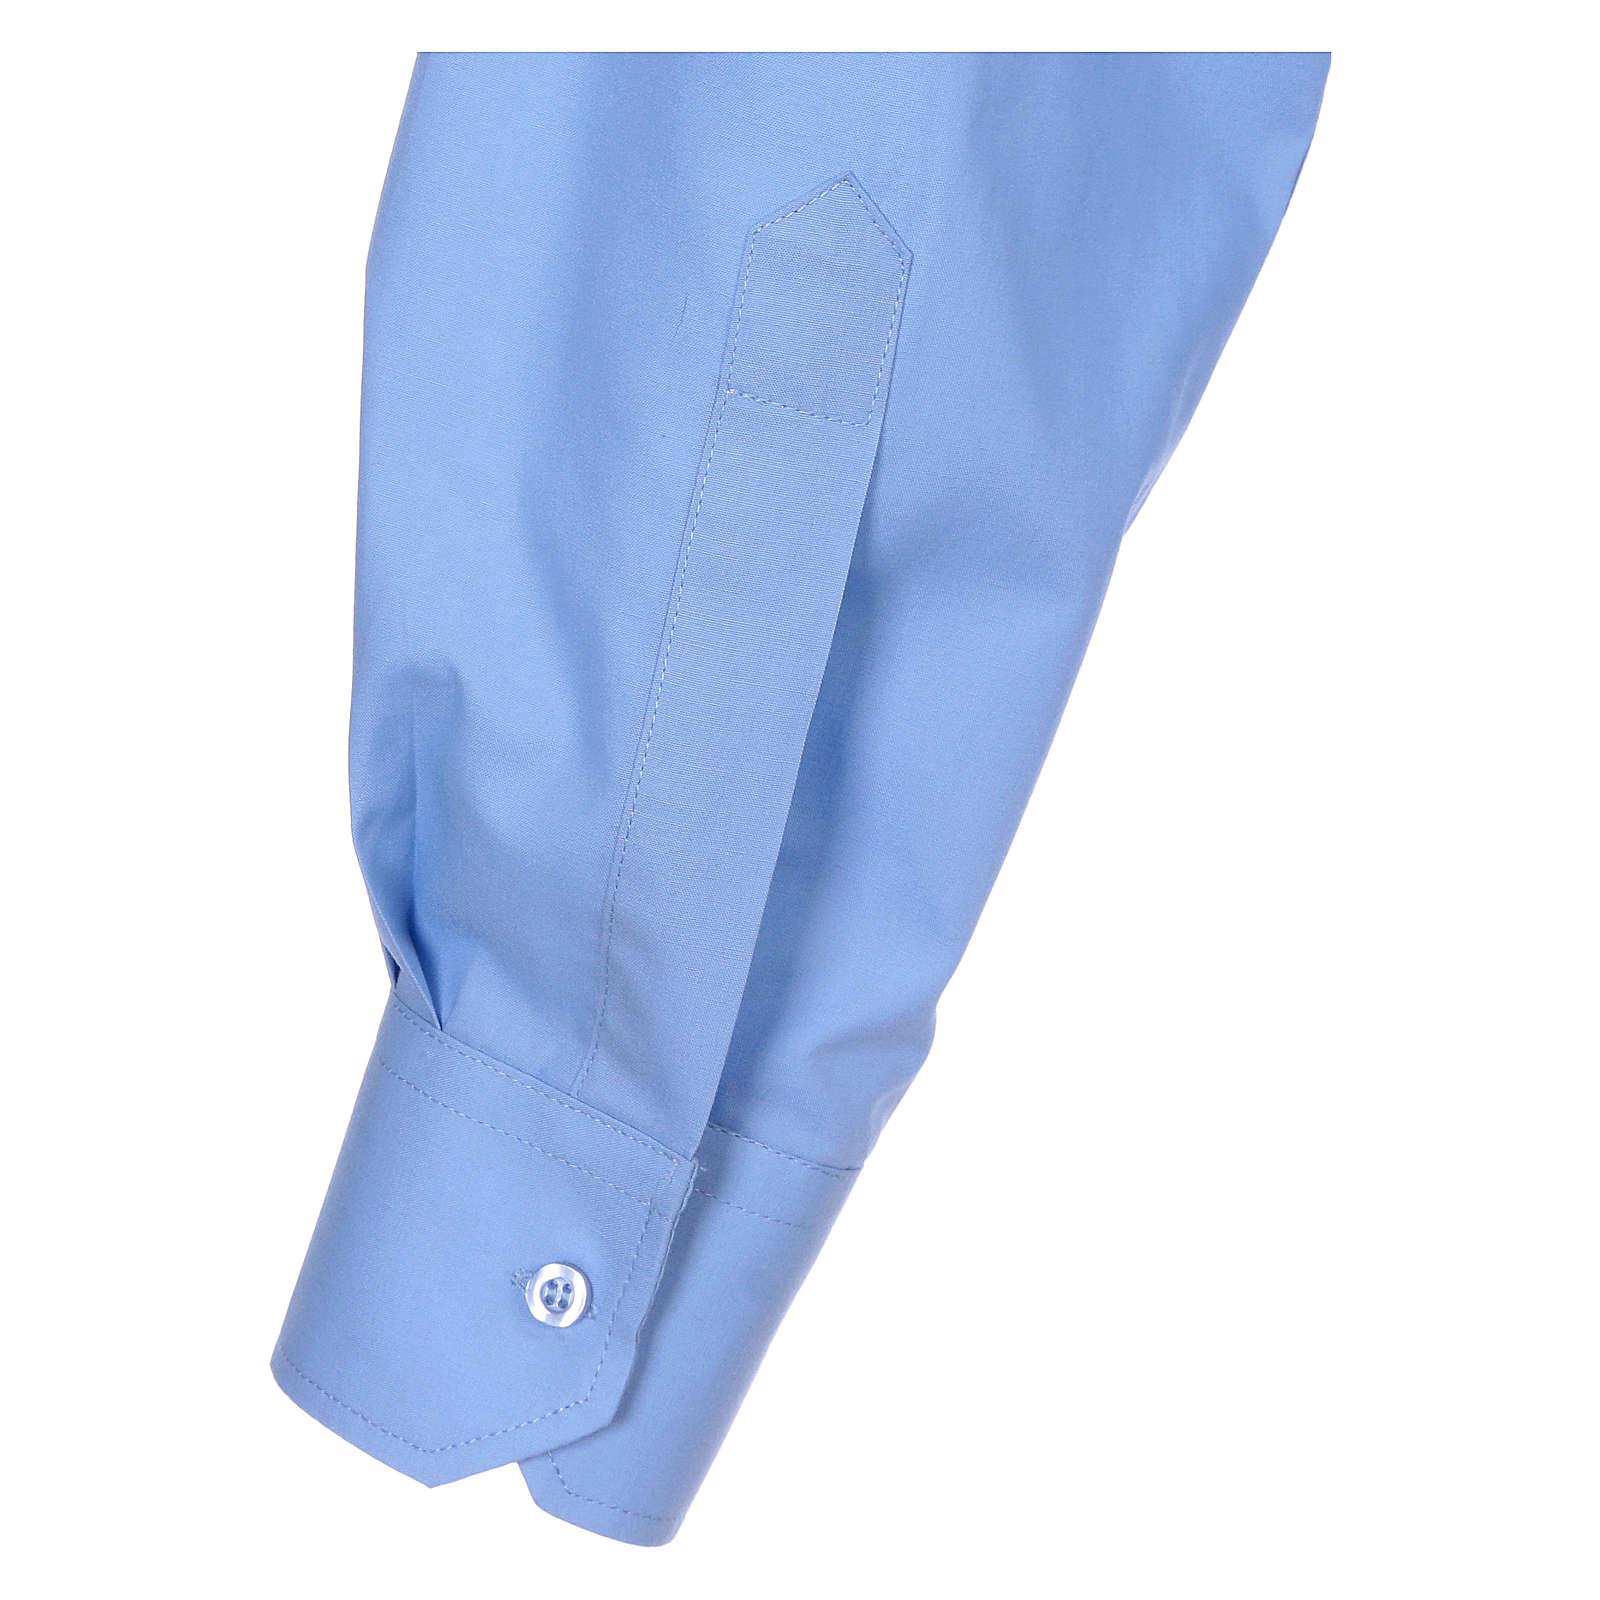 Chemise Clergy longues manches tissu mixte coton bleu clair 4